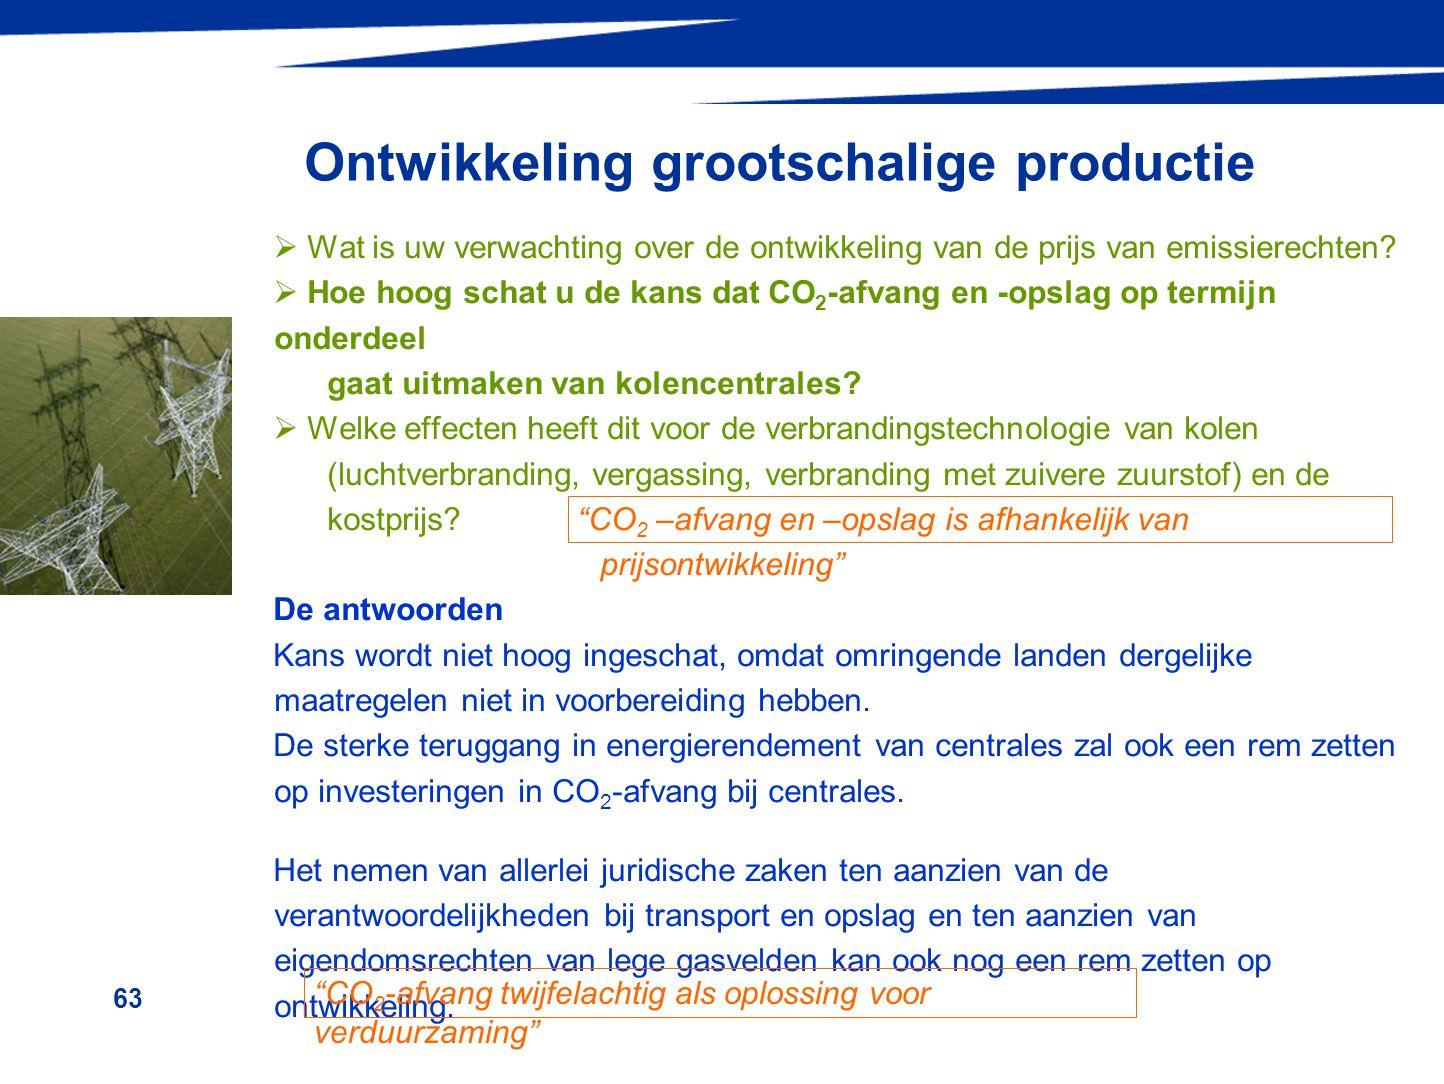 63 Ontwikkeling grootschalige productie  Wat is uw verwachting over de ontwikkeling van de prijs van emissierechten?  Hoe hoog schat u de kans dat C